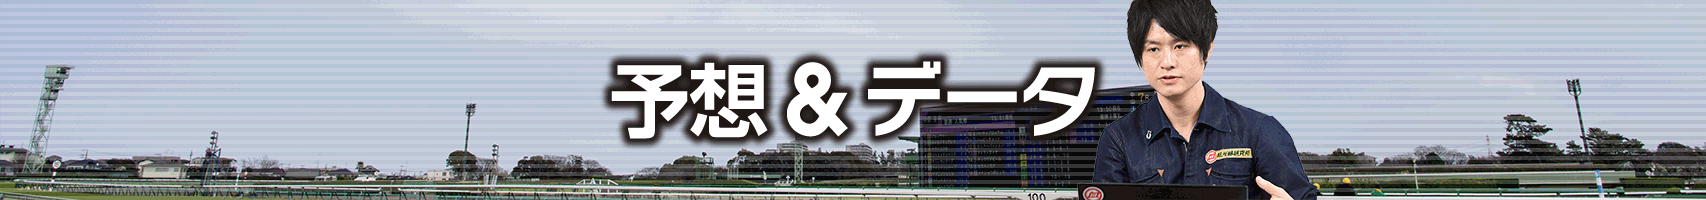 ターコイズS/過去の好走馬4ライン小系統&3代内種牡馬